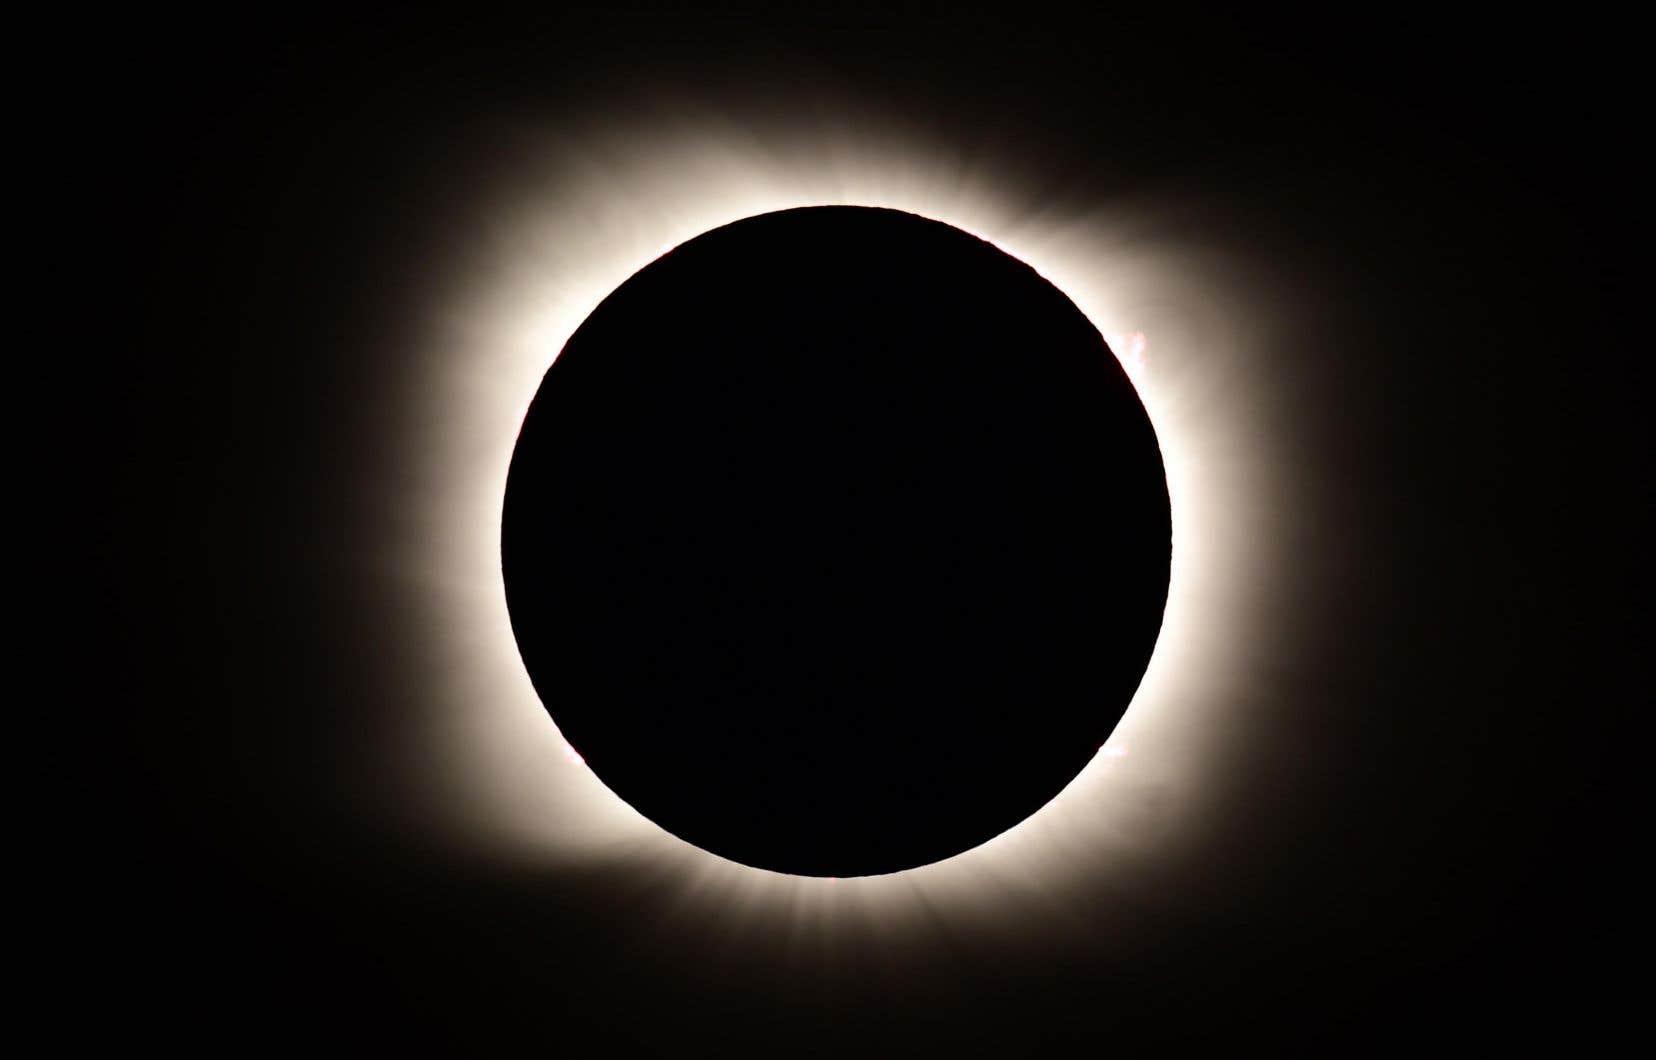 Le sud du Chili et de l'Argentine a été plongé dans l'obscurité pendant plus de deux minutes lundi en début d'après-midi, quand la lune a totalement recouvert le disque solaire.